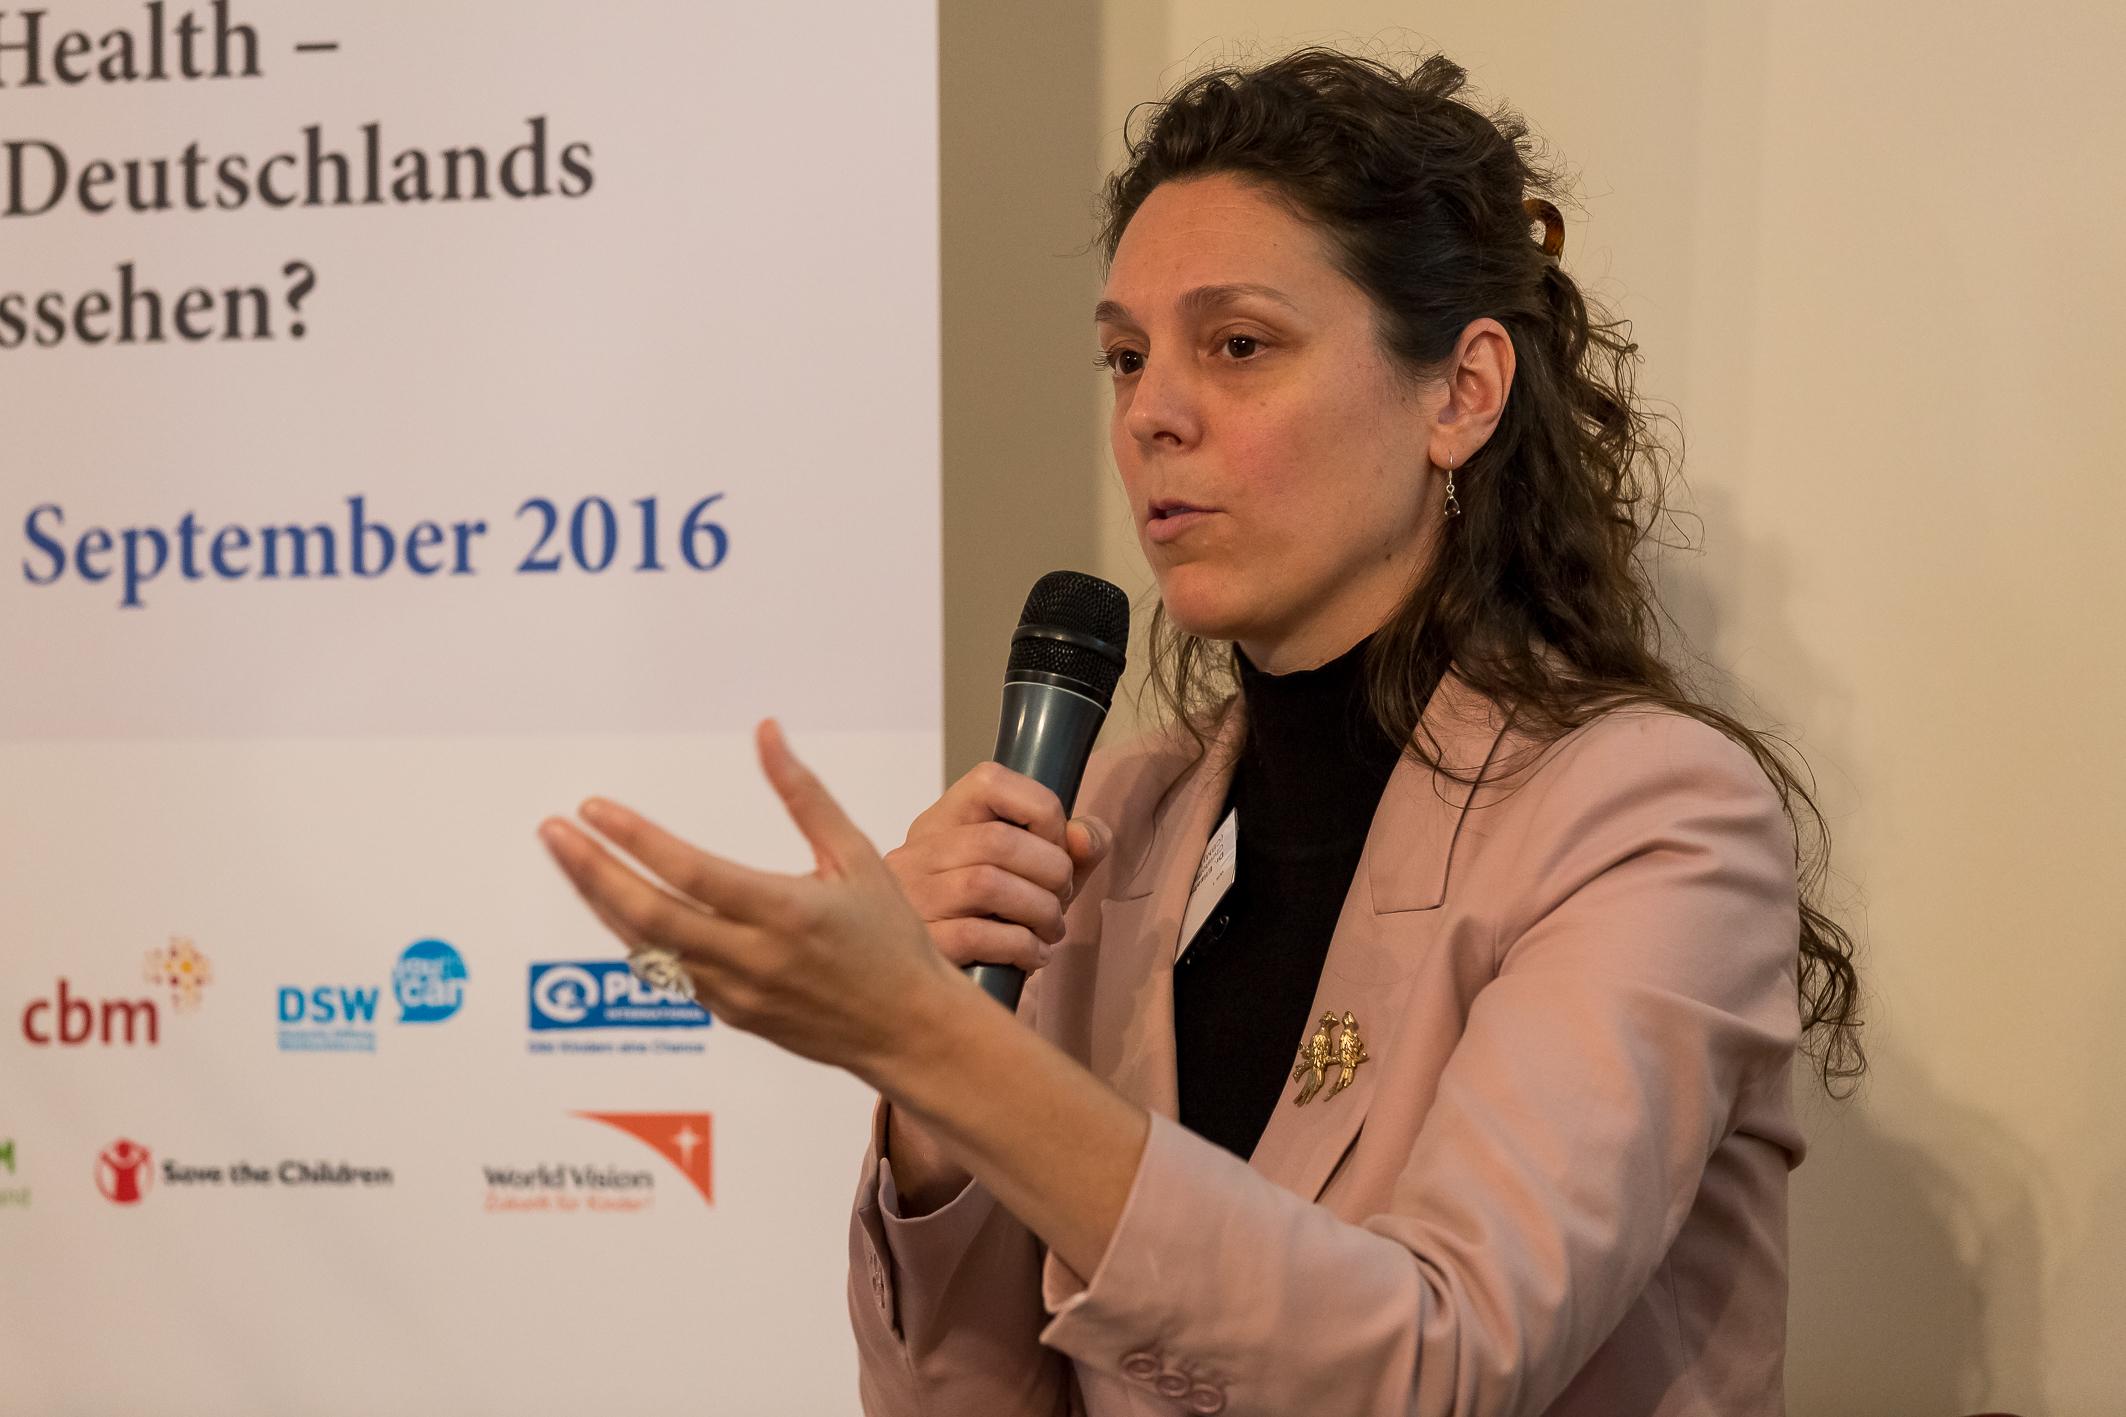 Dr. Elizabeth Lockwood speaking at the at VENRO conference 2016